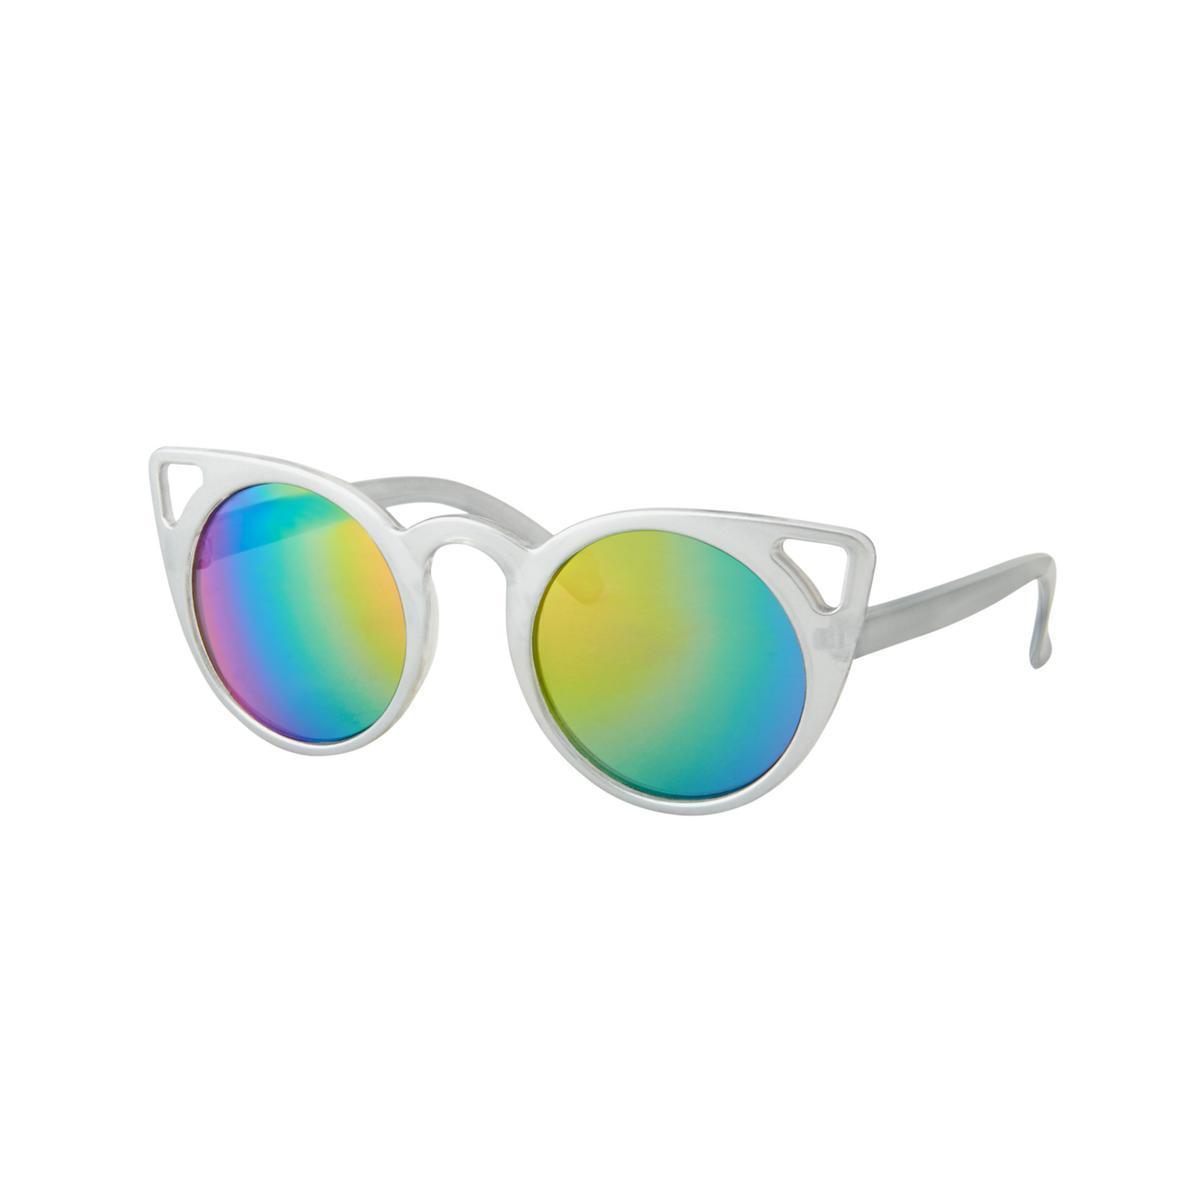 Очки солнцезащитные детские Gymboree с ушками 4+ от солнца для детей